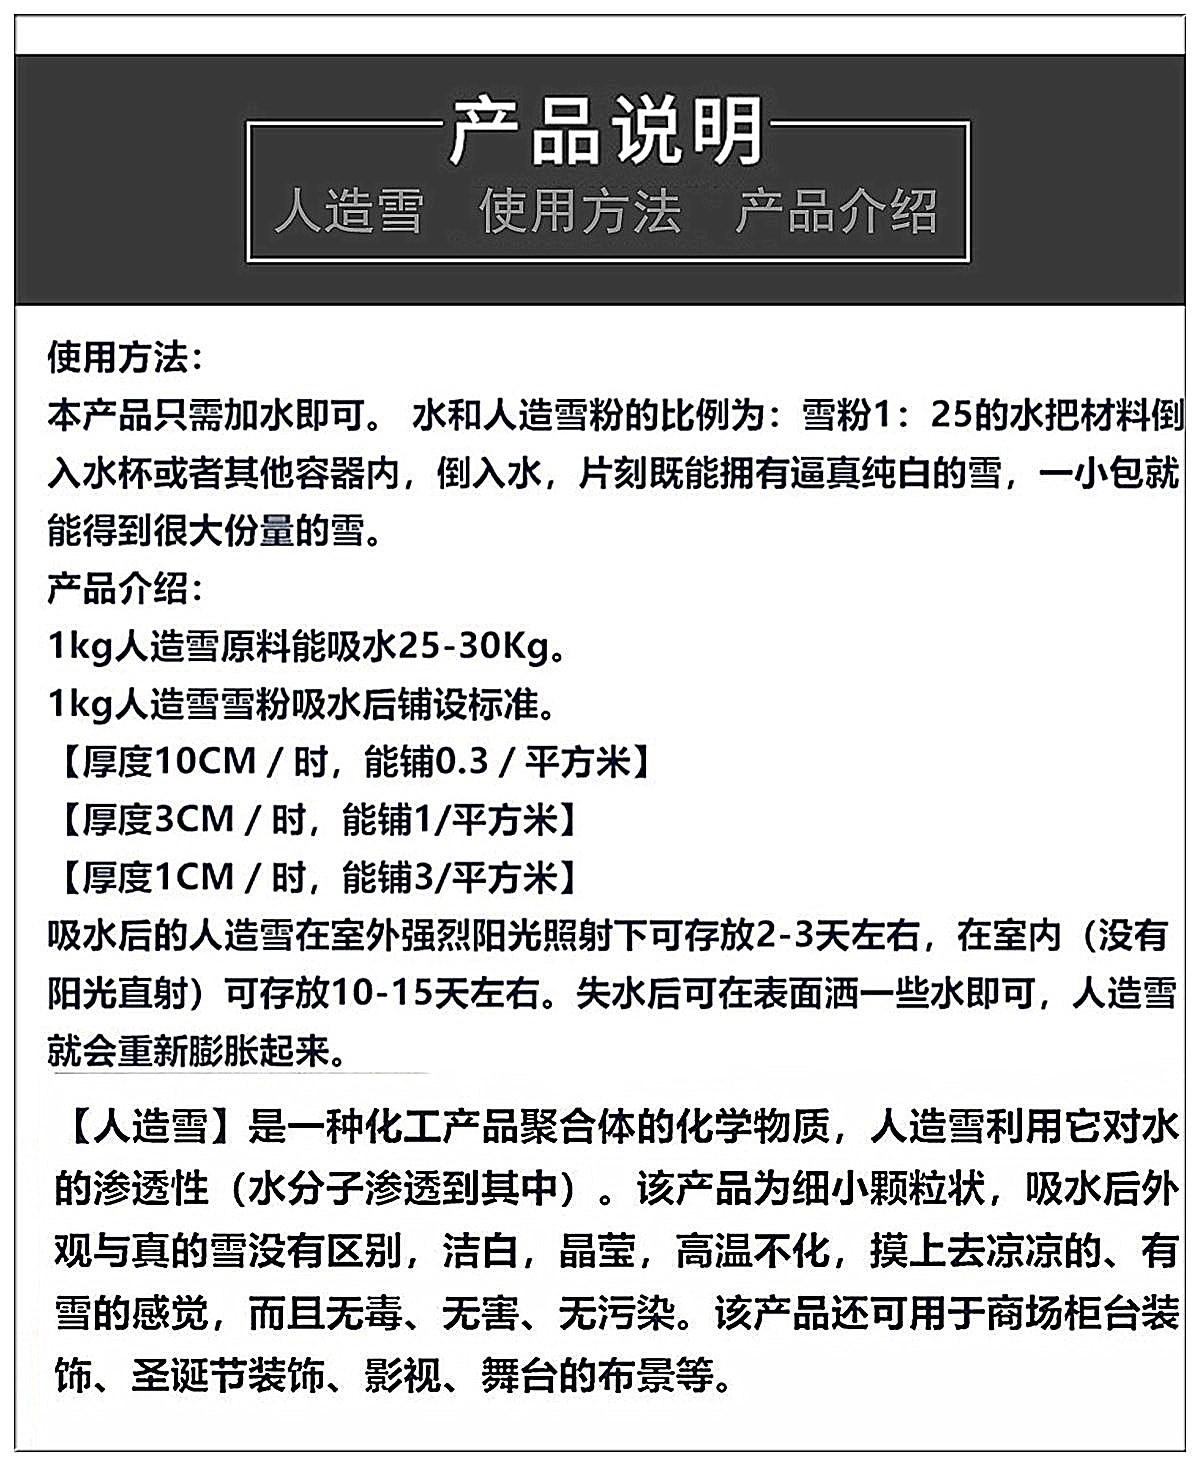 雪花粉9_副本.jpg